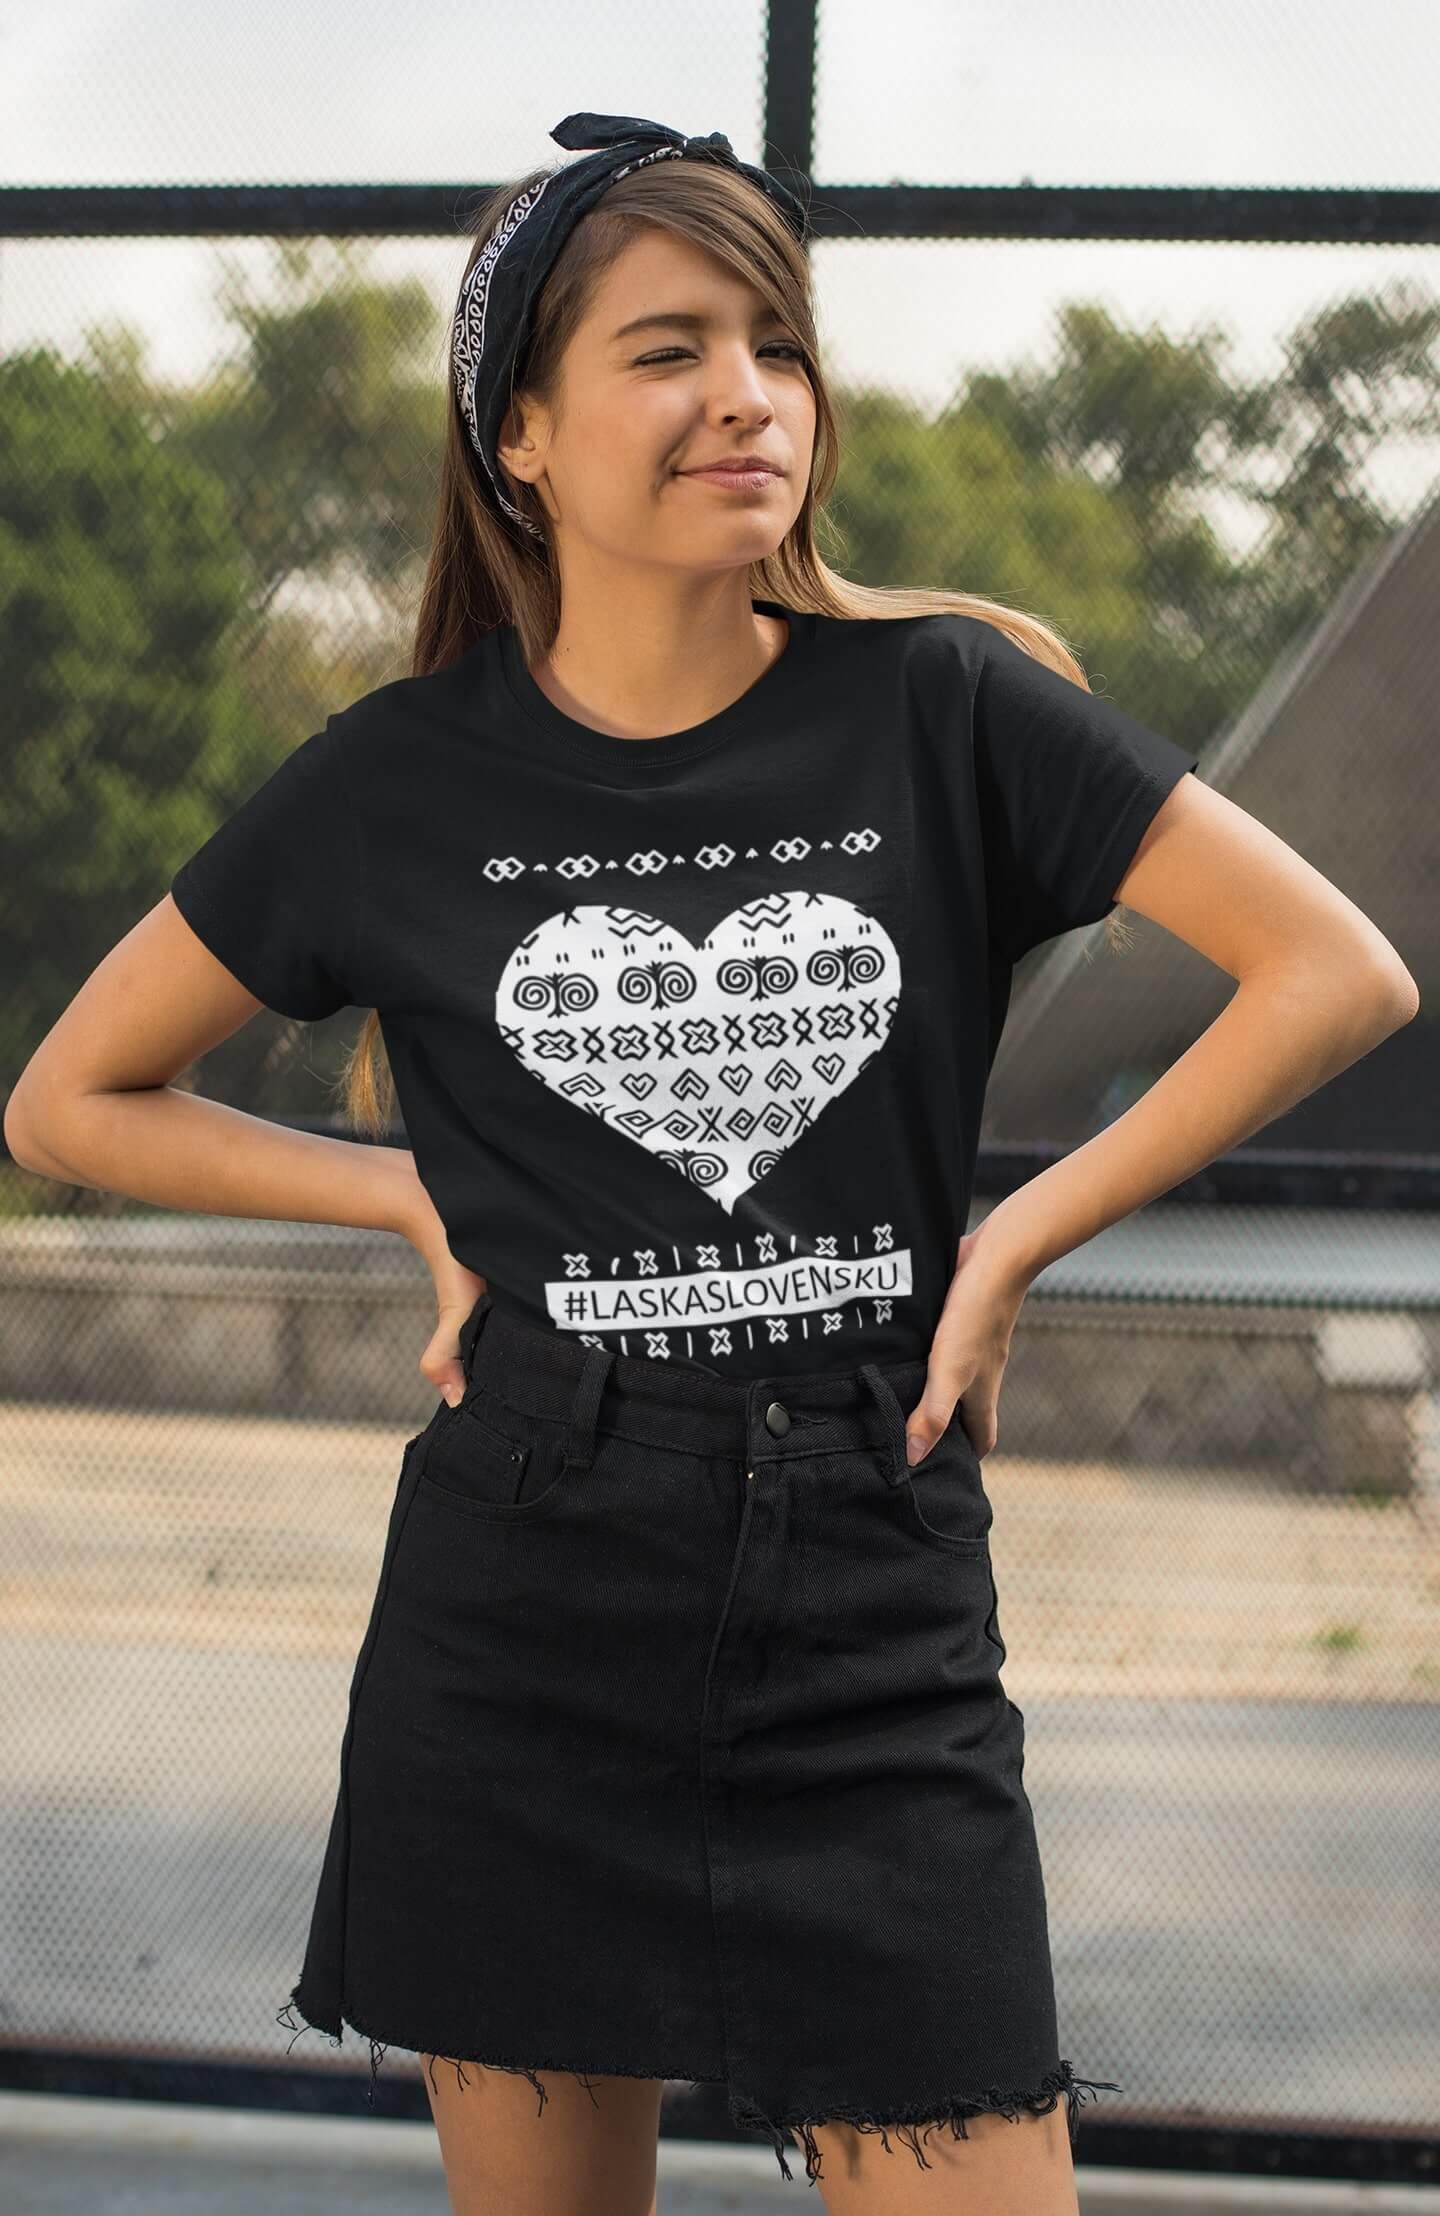 MMO Dámske tričko Láska Slovensku Vyberte farbu: Čierna, Vyberte veľkosť: XS